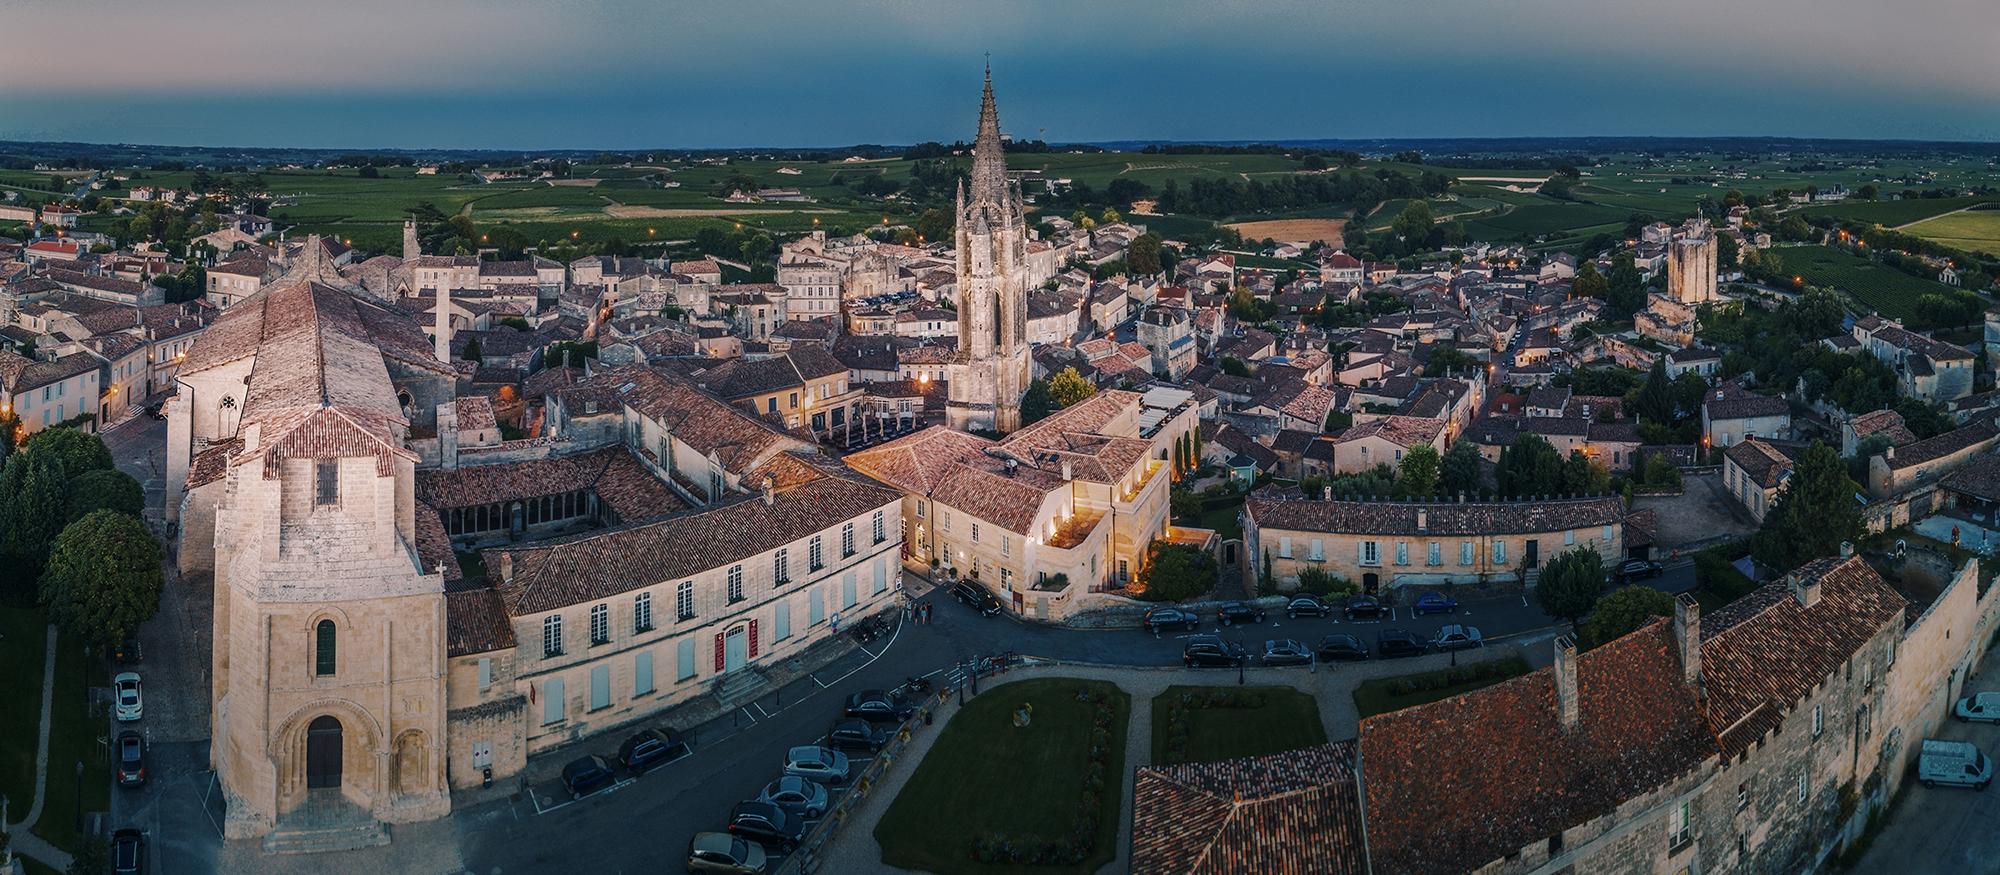 昂古莱姆(Angouleme)-干邑小镇(Cognac)